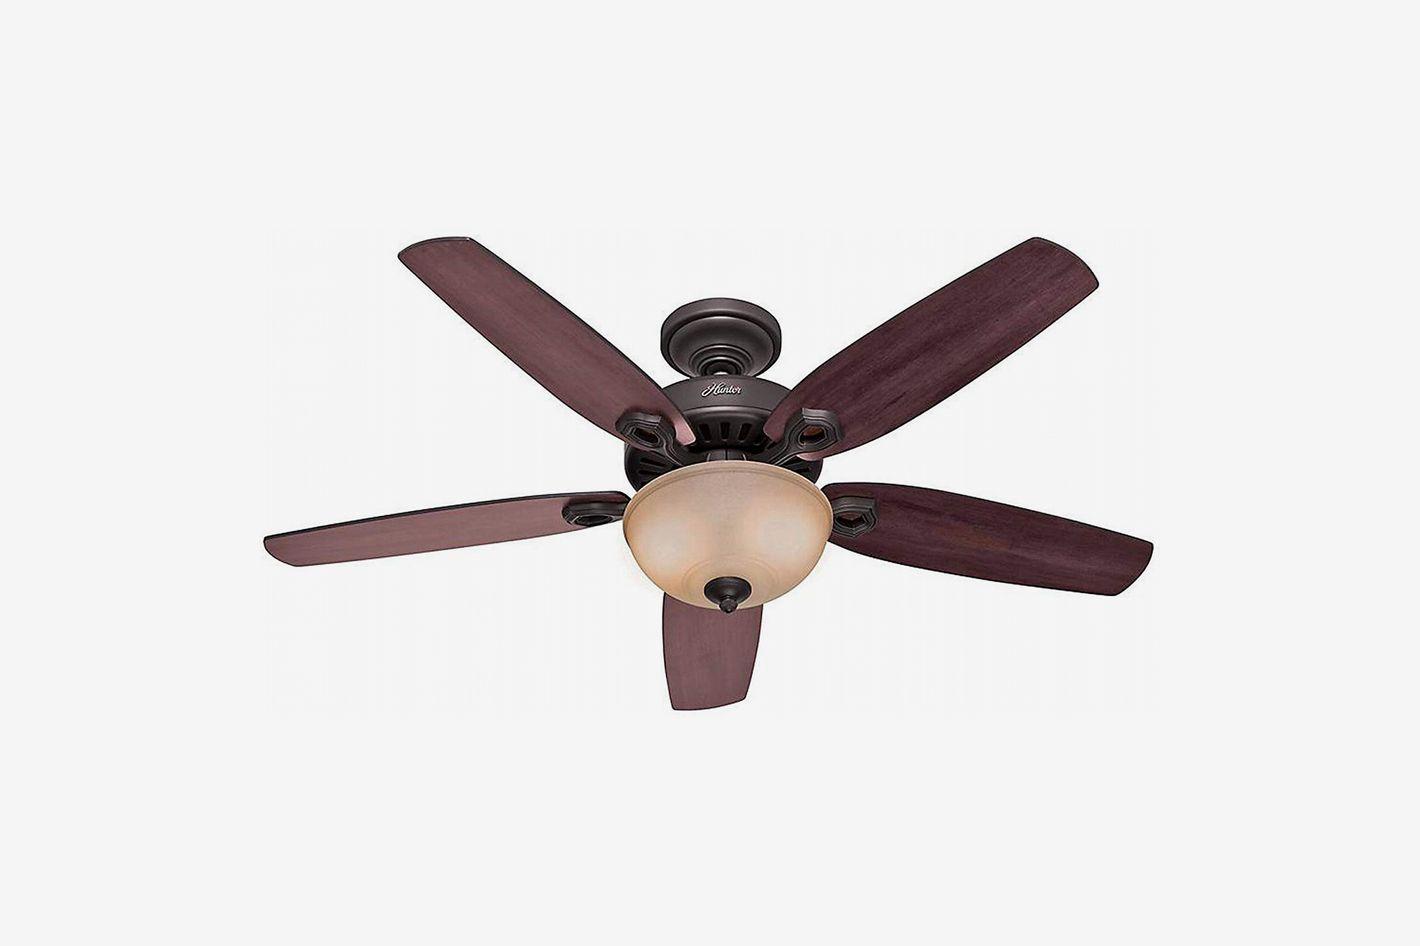 Hunter Fans 53091 5-Blade Single Light Ceiling Fan, New Bronze, 52-Inch